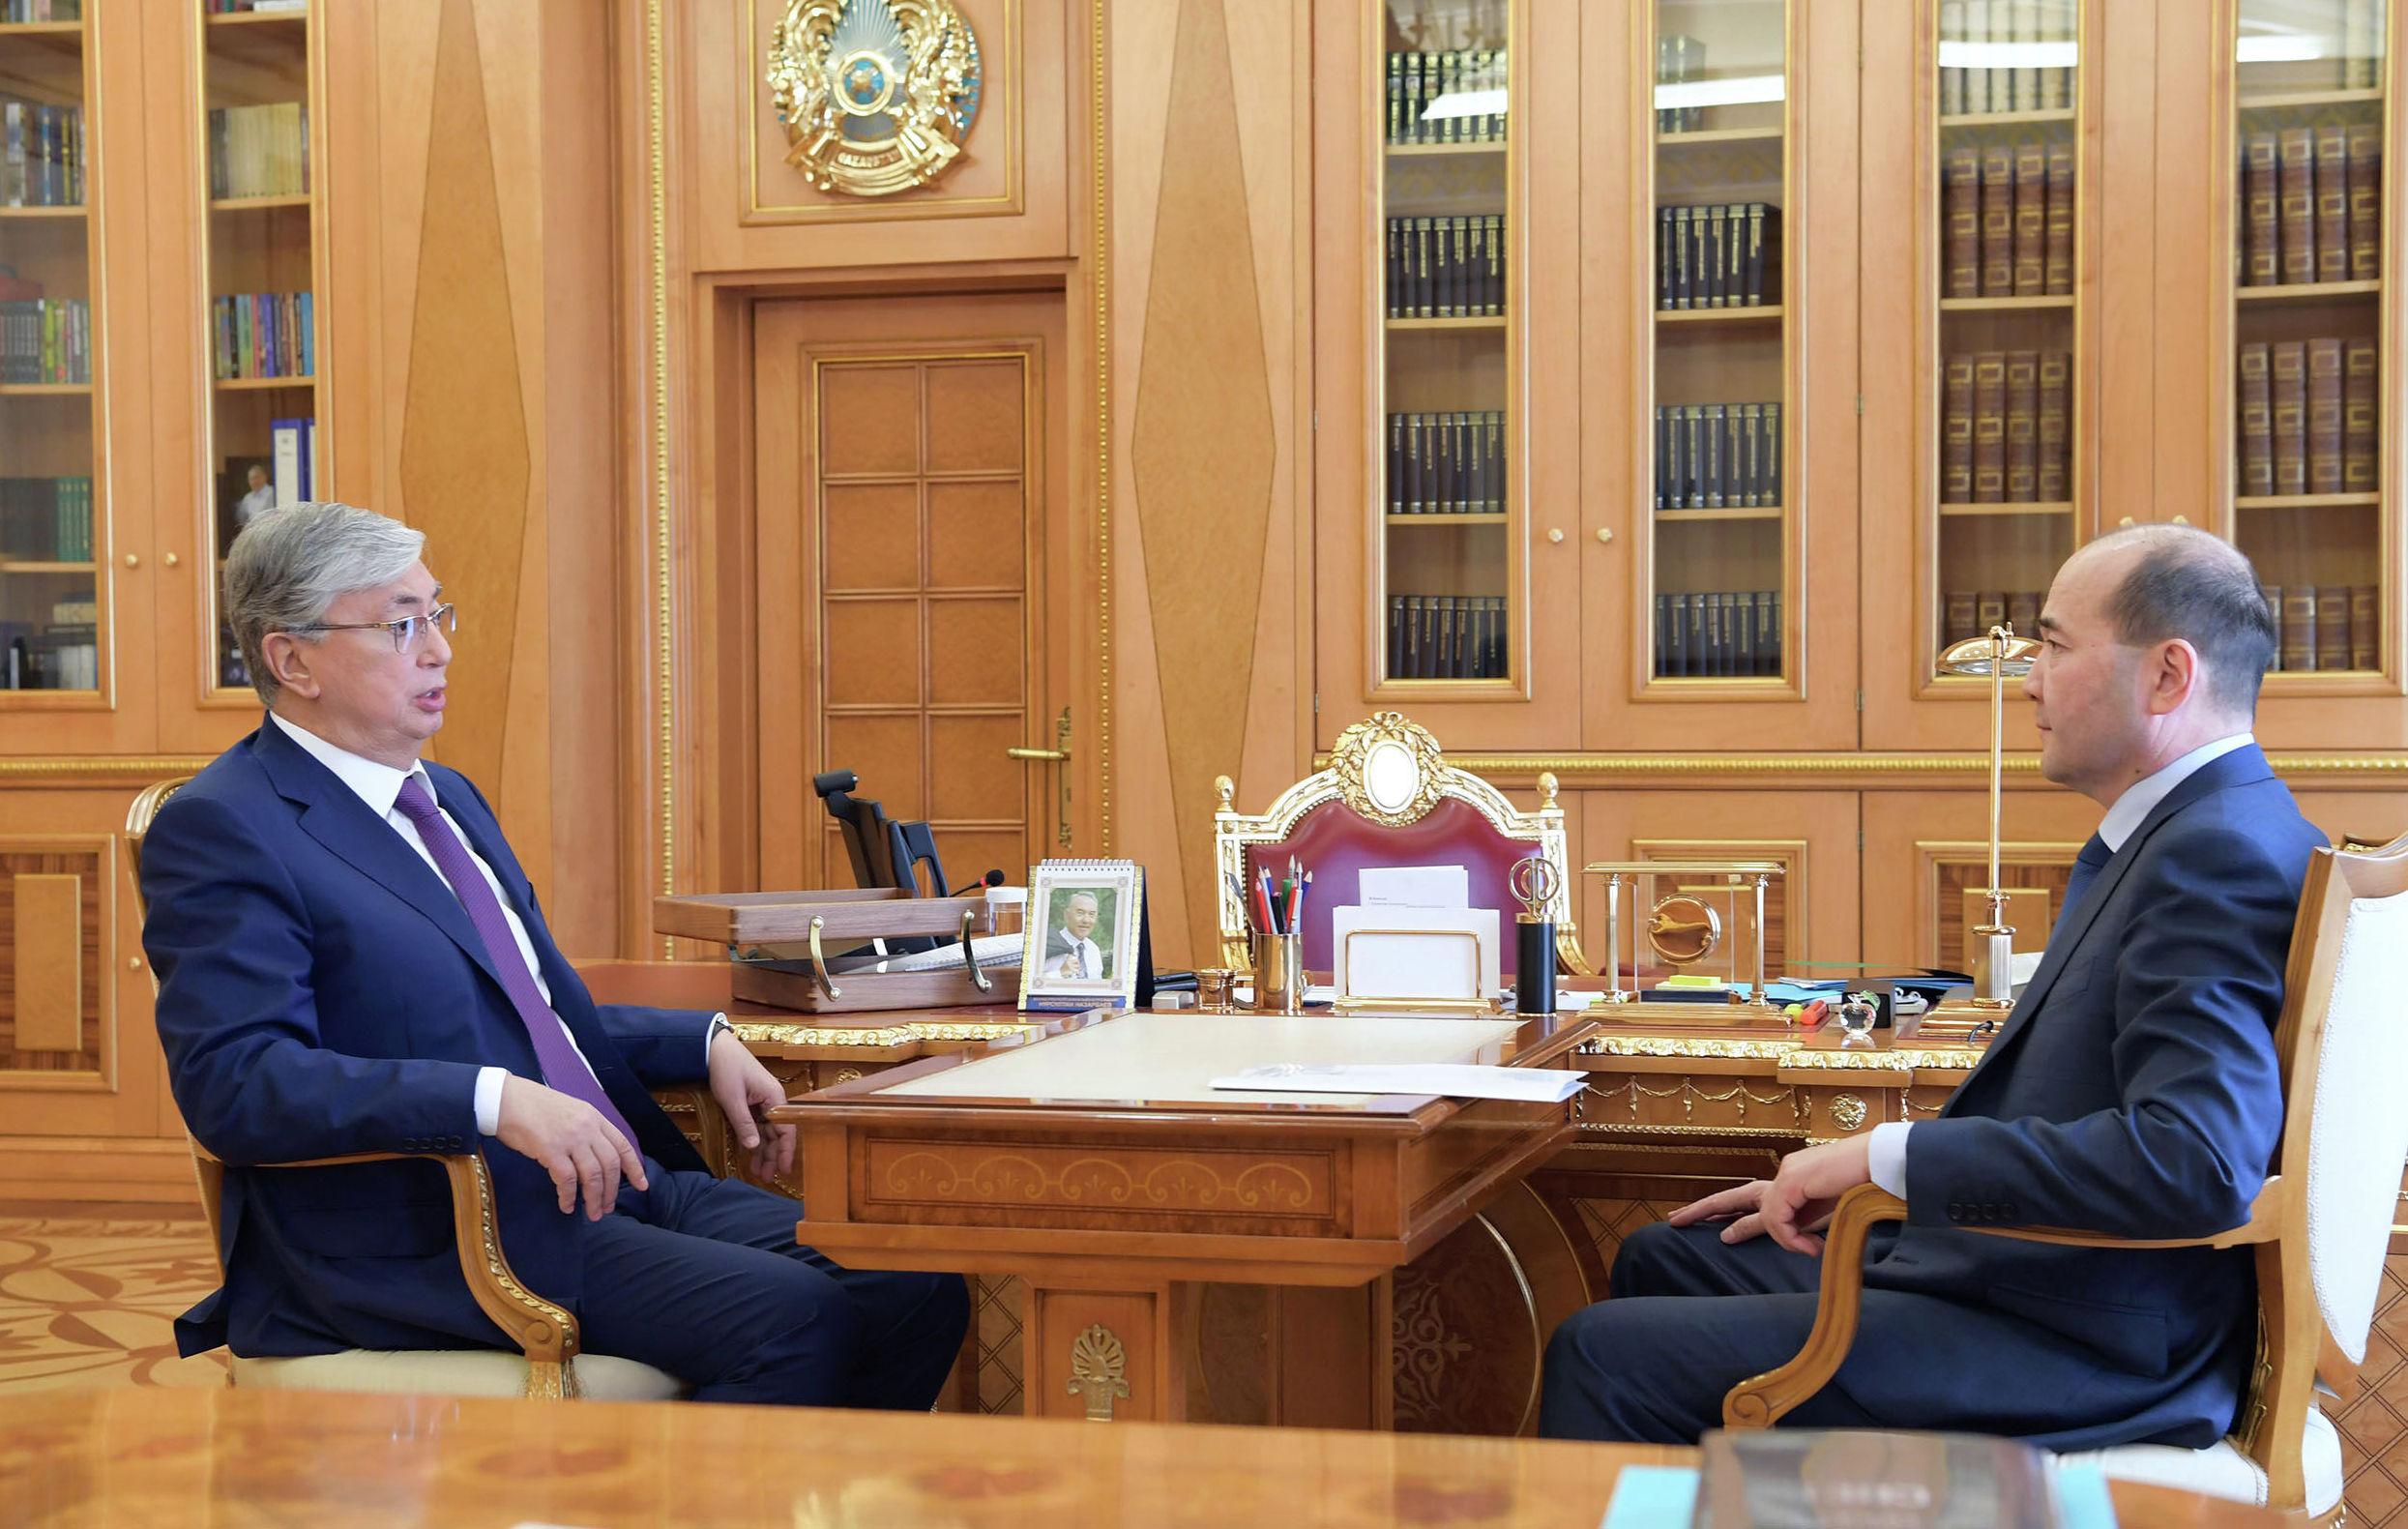 Президент Казахстана Касым-Жомарт Токаев и Генеральный прокурор Гизат Нурдаулетов на встрече в Акорде